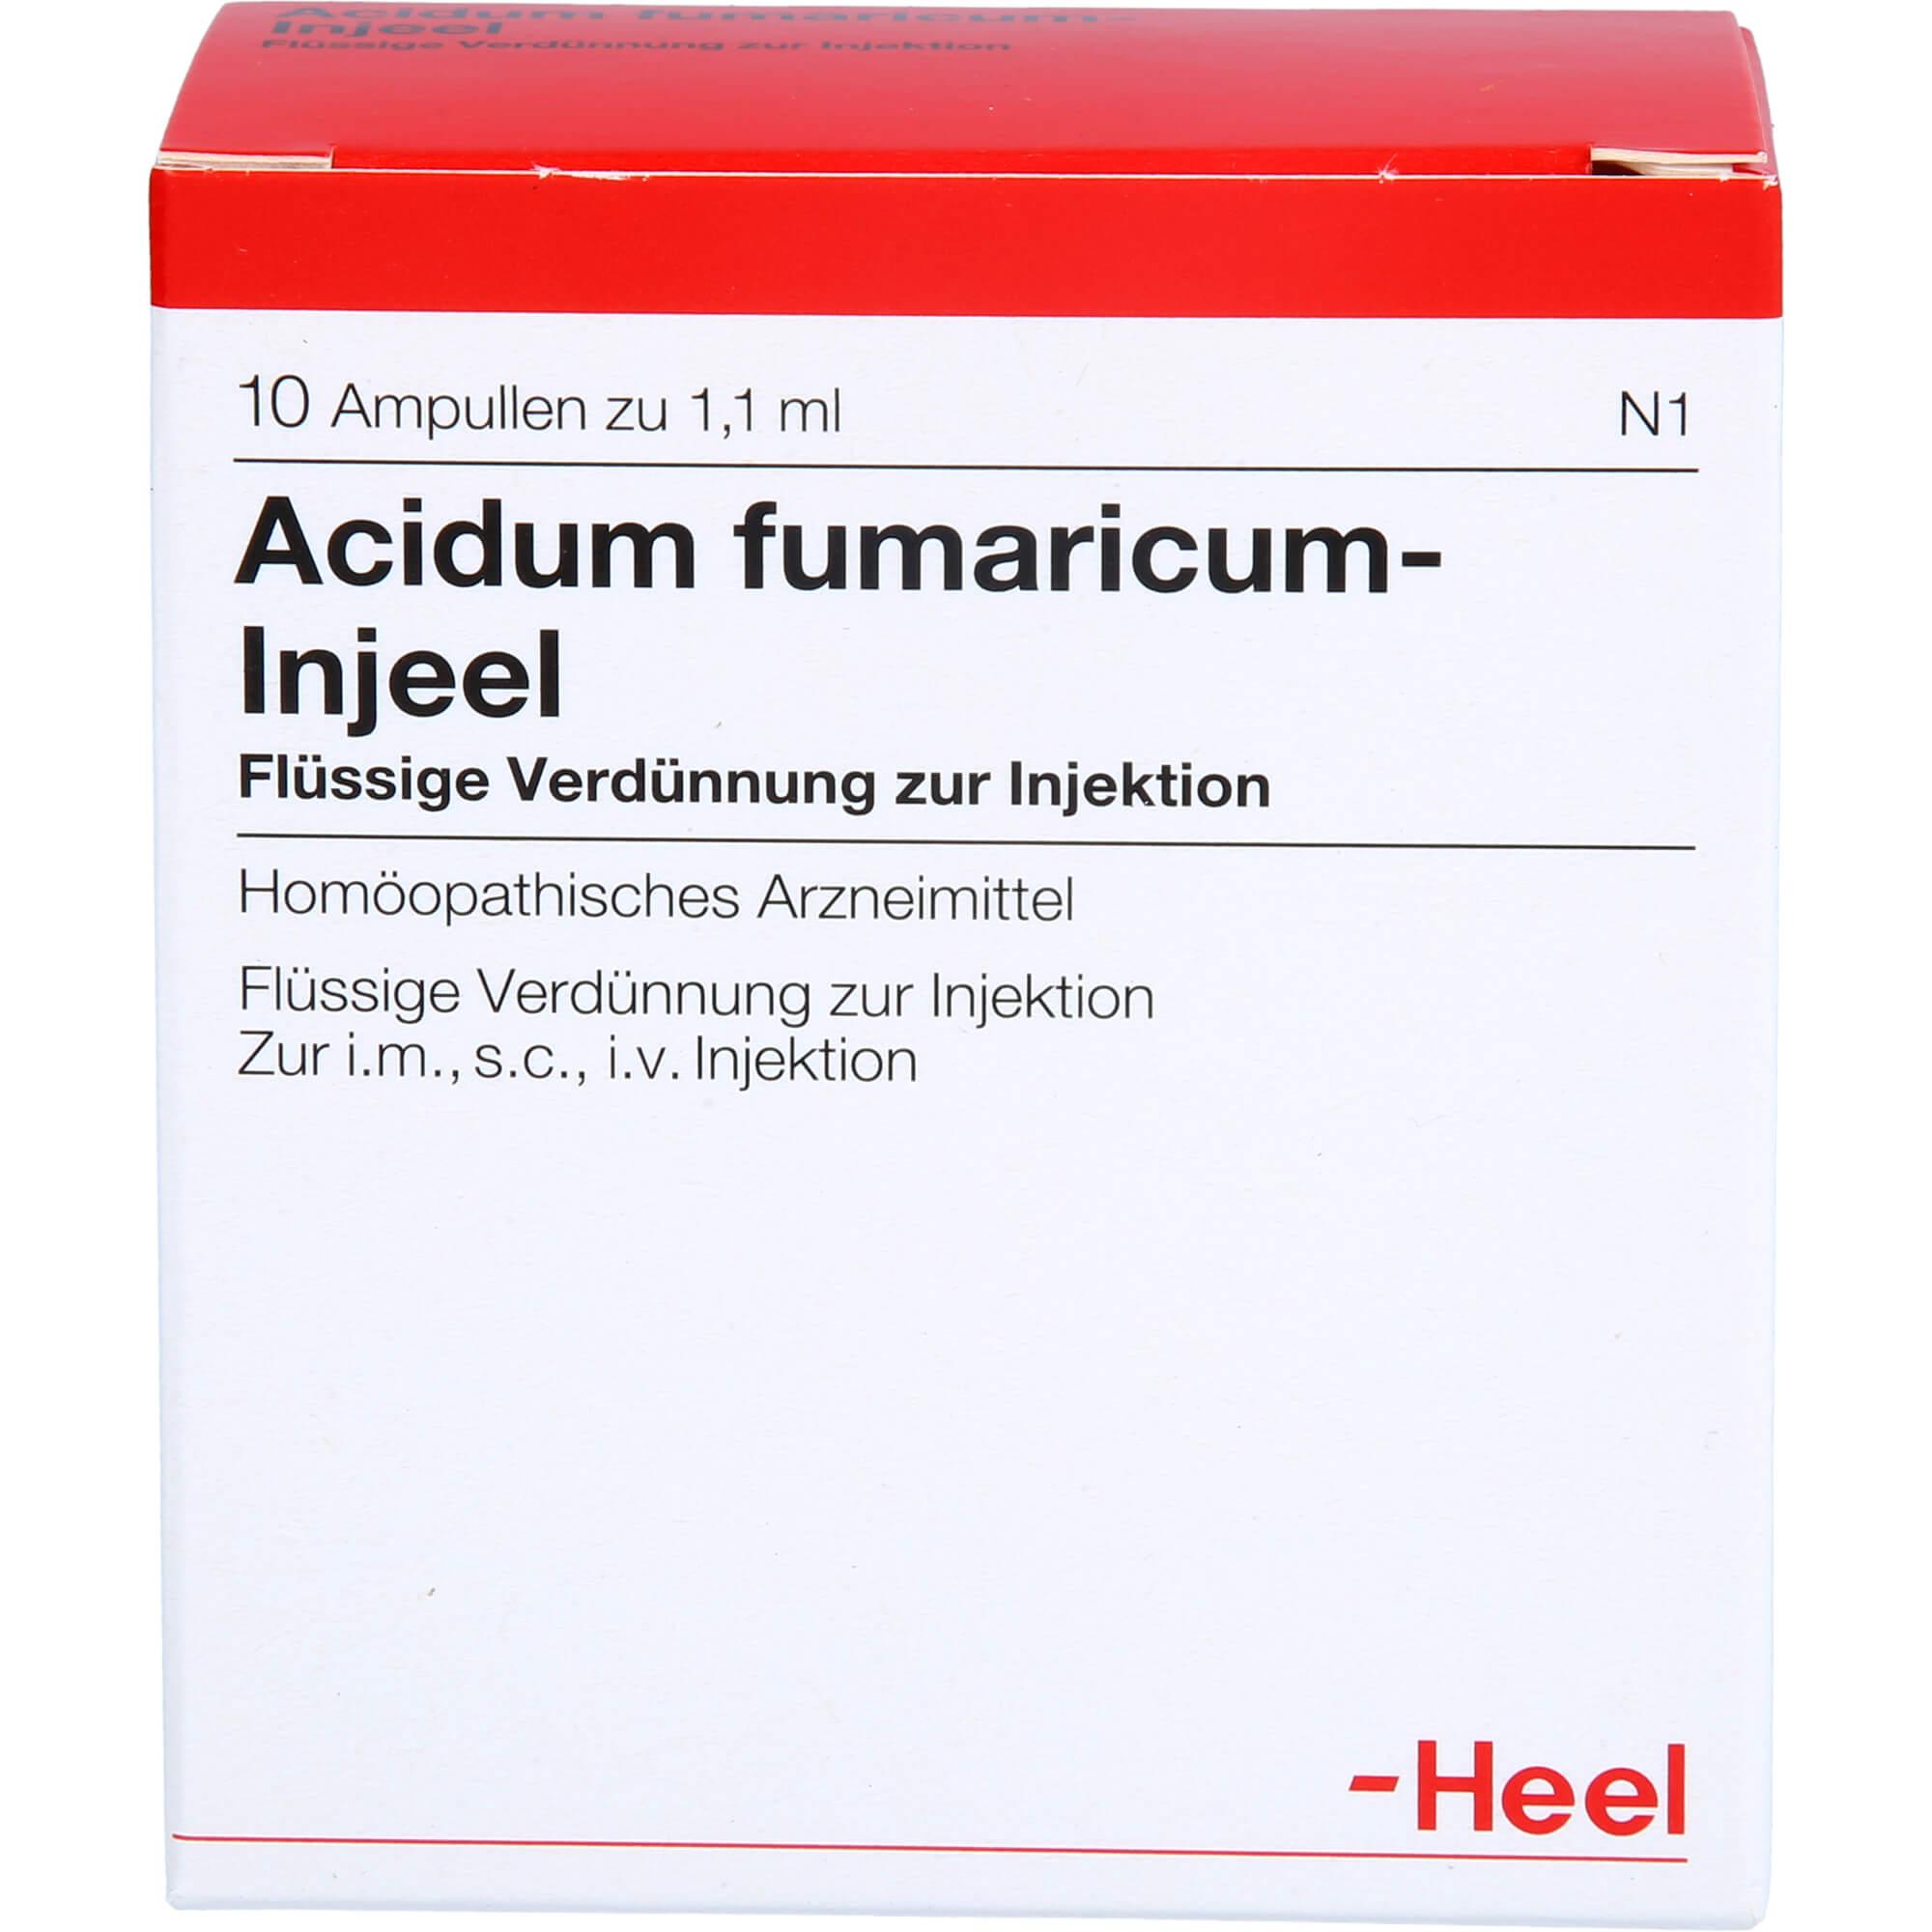 ACIDUM-FUMARICUM-INJEEL-Ampullen